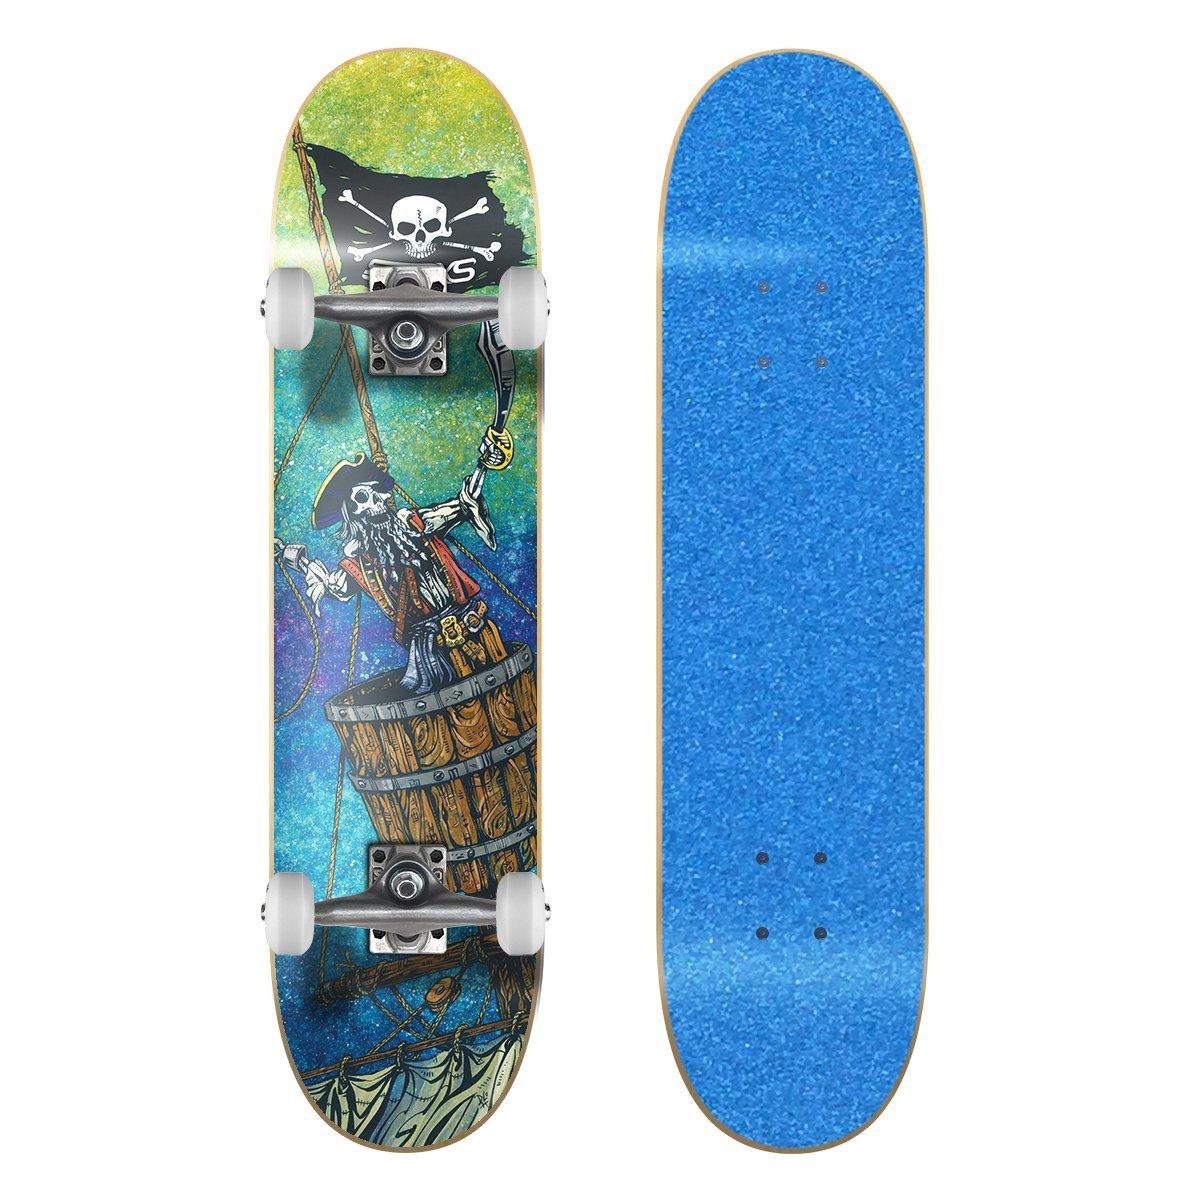 【爆売り!】 SkateXS ビギナー 海賊 ストリート スケートボード Blue B01MXUBNF9/ 7.0 x Wheels 28 (Ages 5-7)|Blue Grip Tape/ White Wheels Blue Grip Tape/ White Wheels 7.0 x 28 (Ages 5-7), アサミナミク:15d32315 --- a0267596.xsph.ru